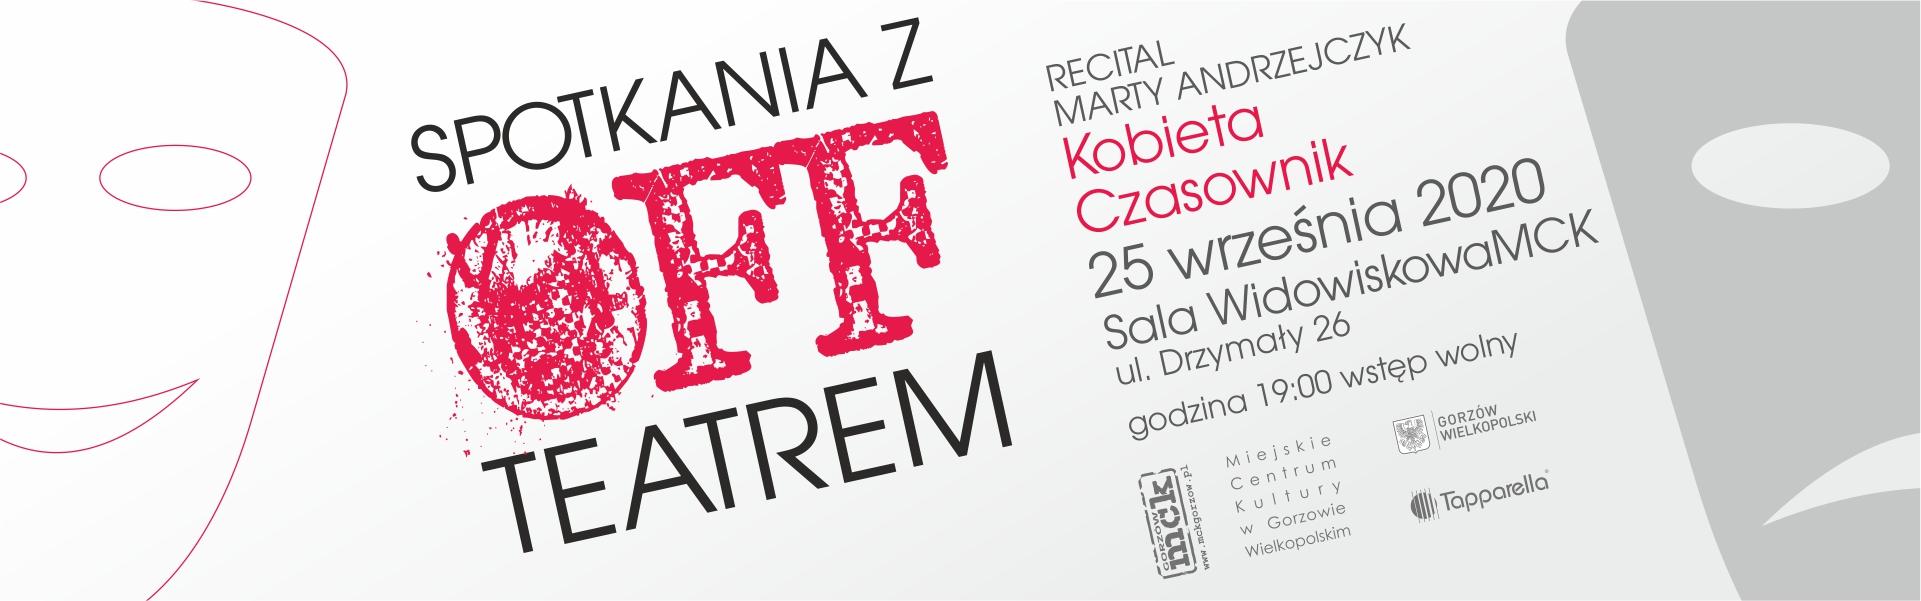 baner recital Kobieta Czasownik 25 września 2020